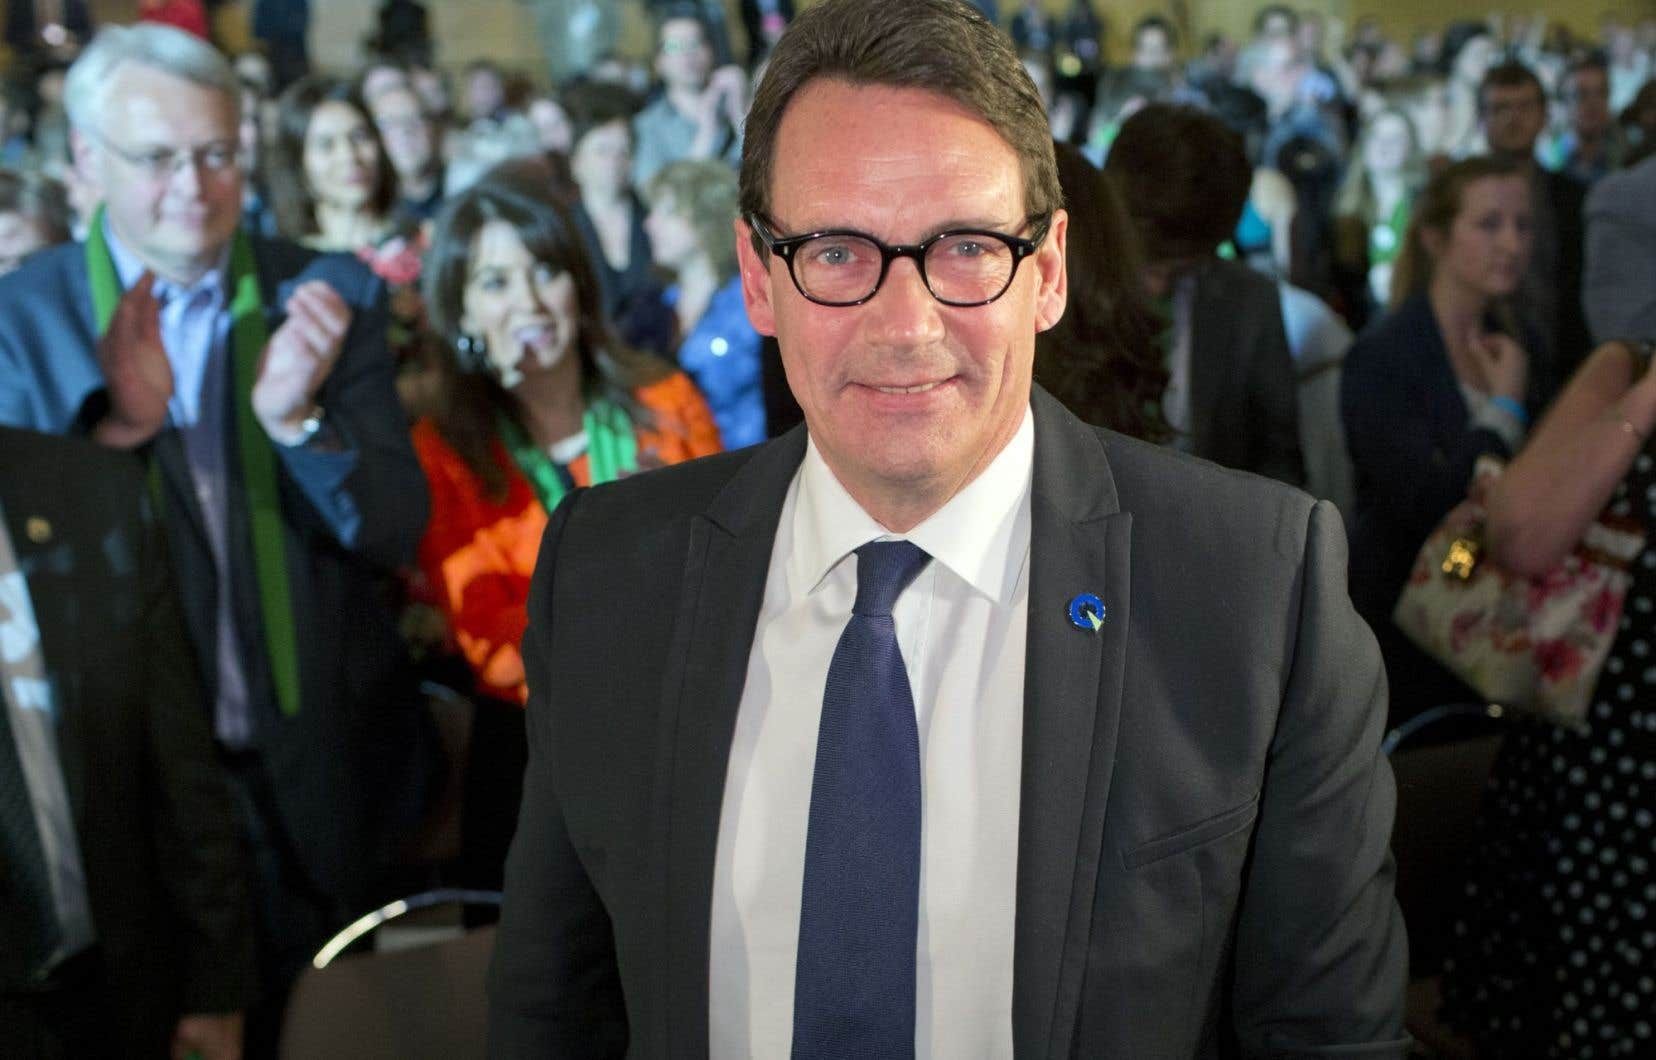 Une coalition de centre gauche formée du Parti québécois (PQ) et de Québec solidaire (QS) serait première dans les intentions de vote avec 38 % d'appuis, devant les libéraux (35 %) et la Coalition avenir Québec (CAQ, 21 %).